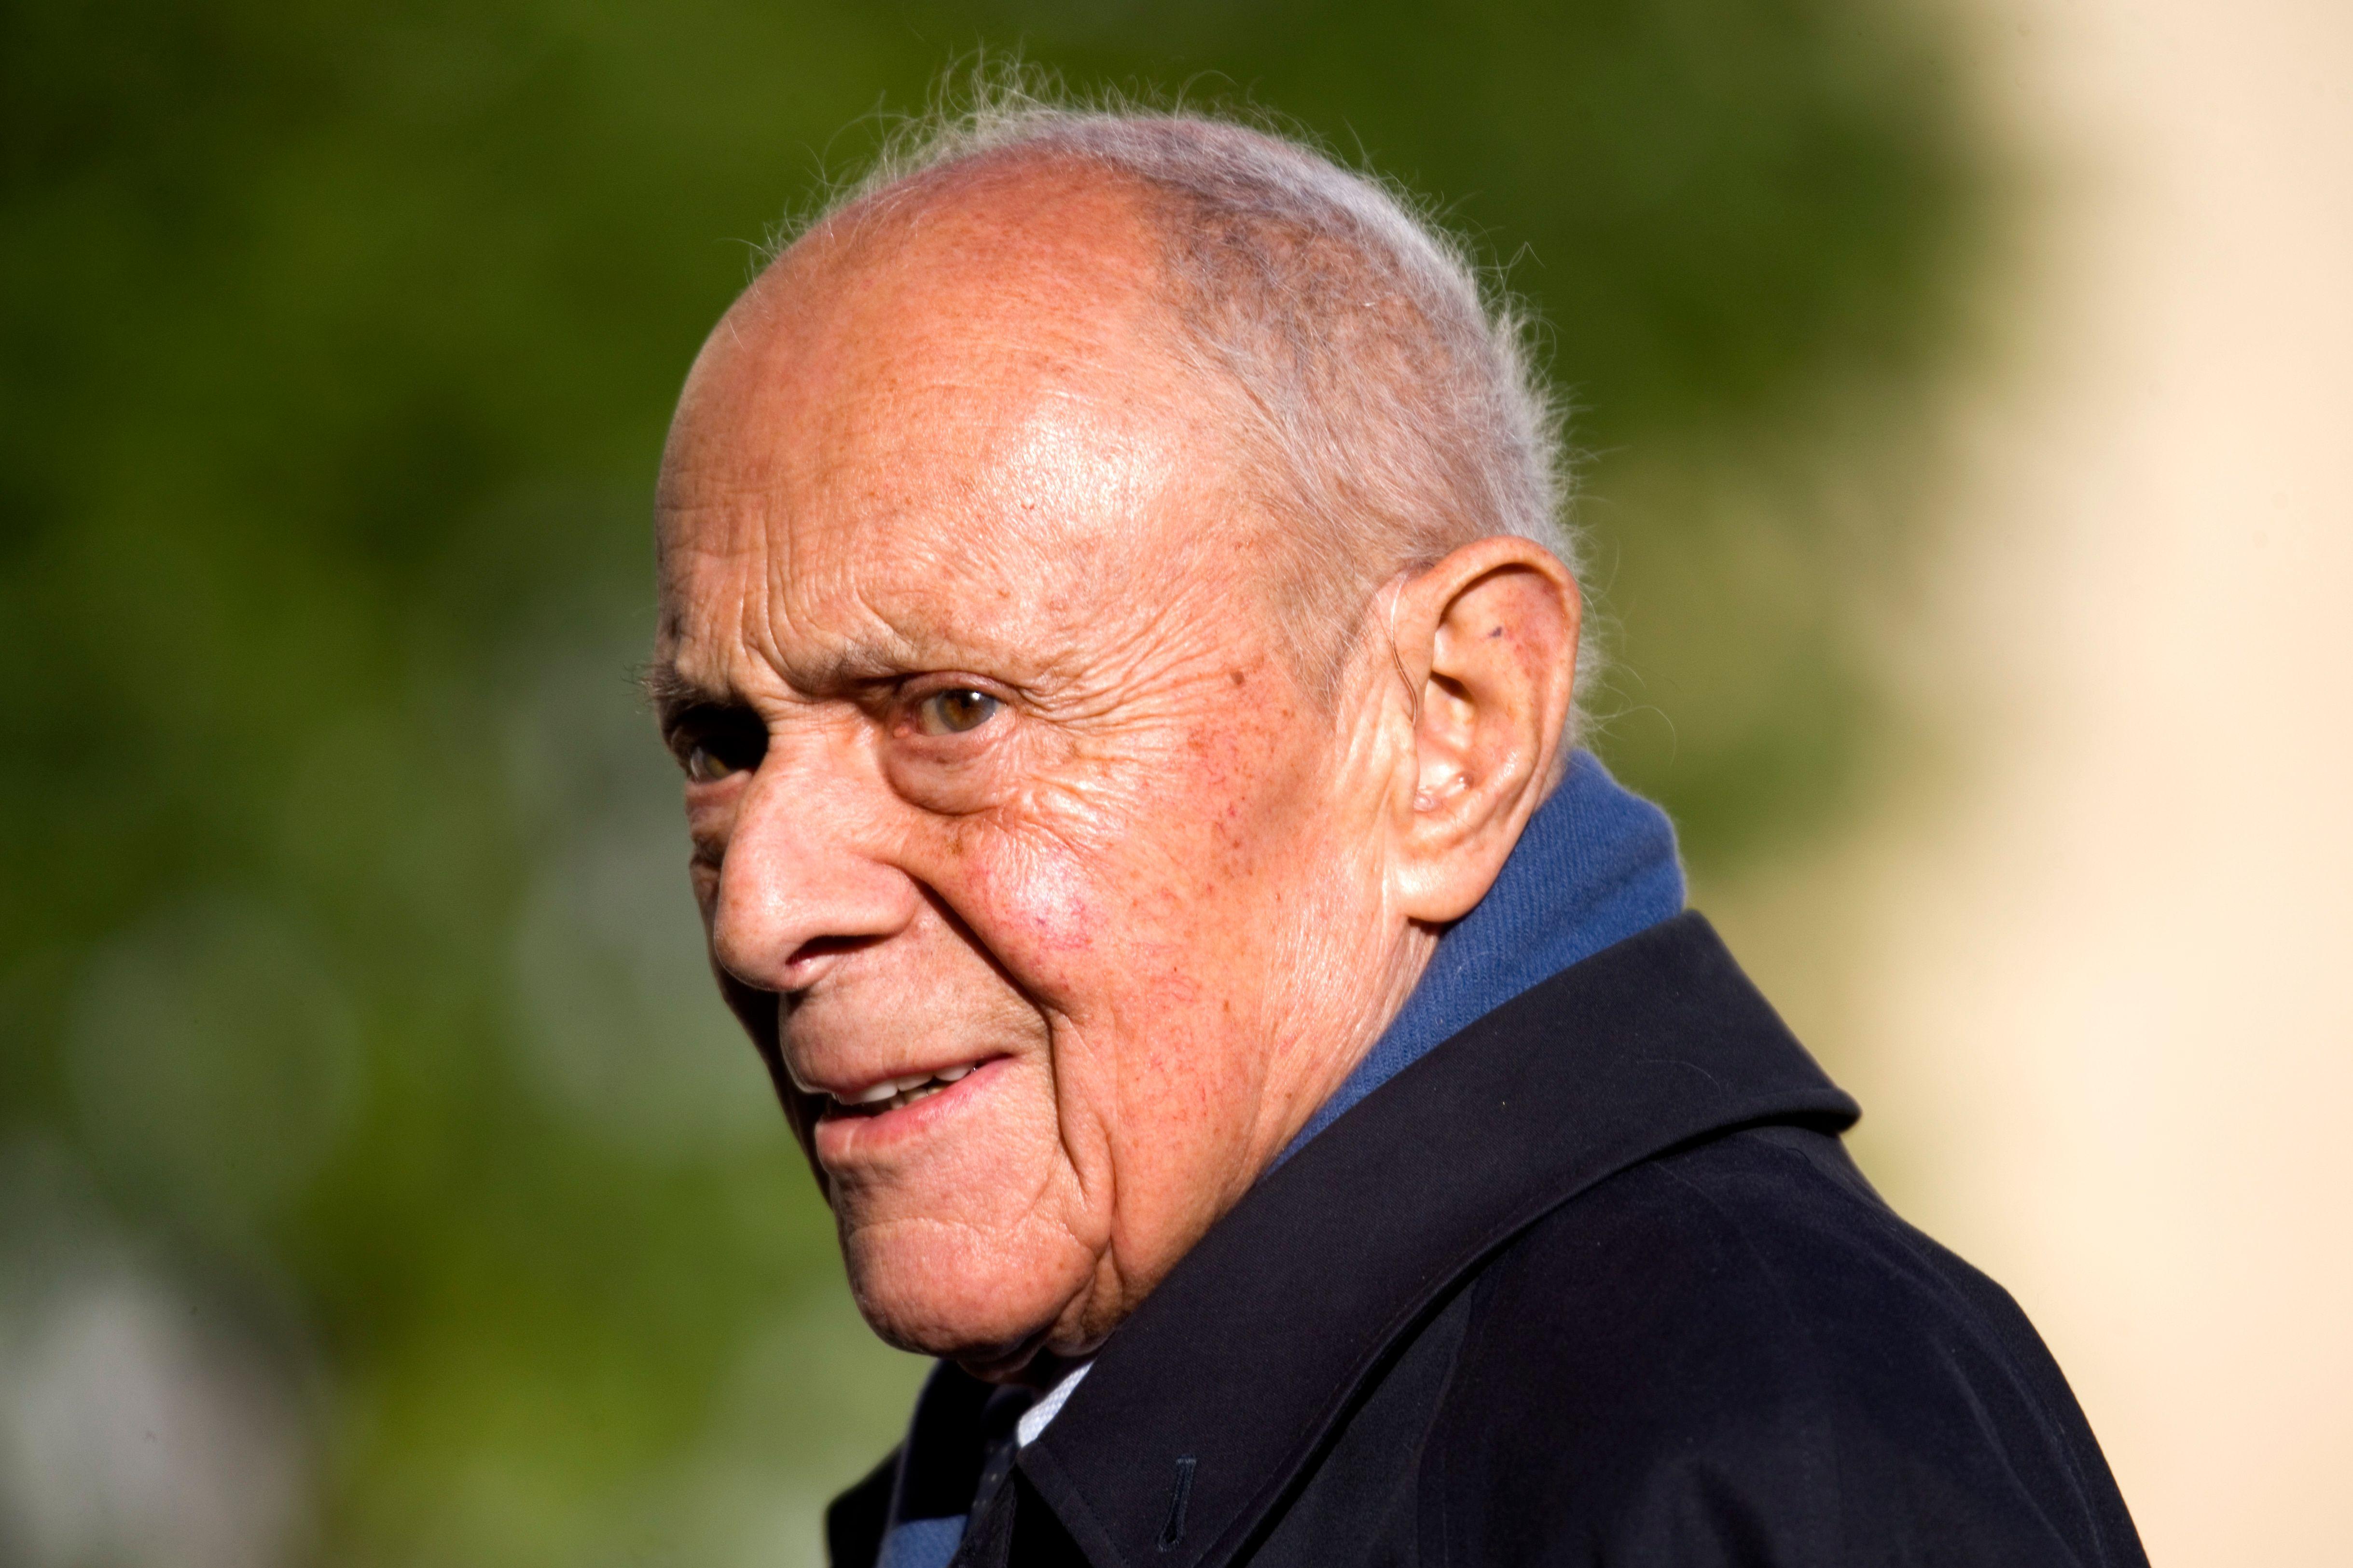 L'ancien Premier ministre, Michel Rocard, est mort à l'âge de 85 ans